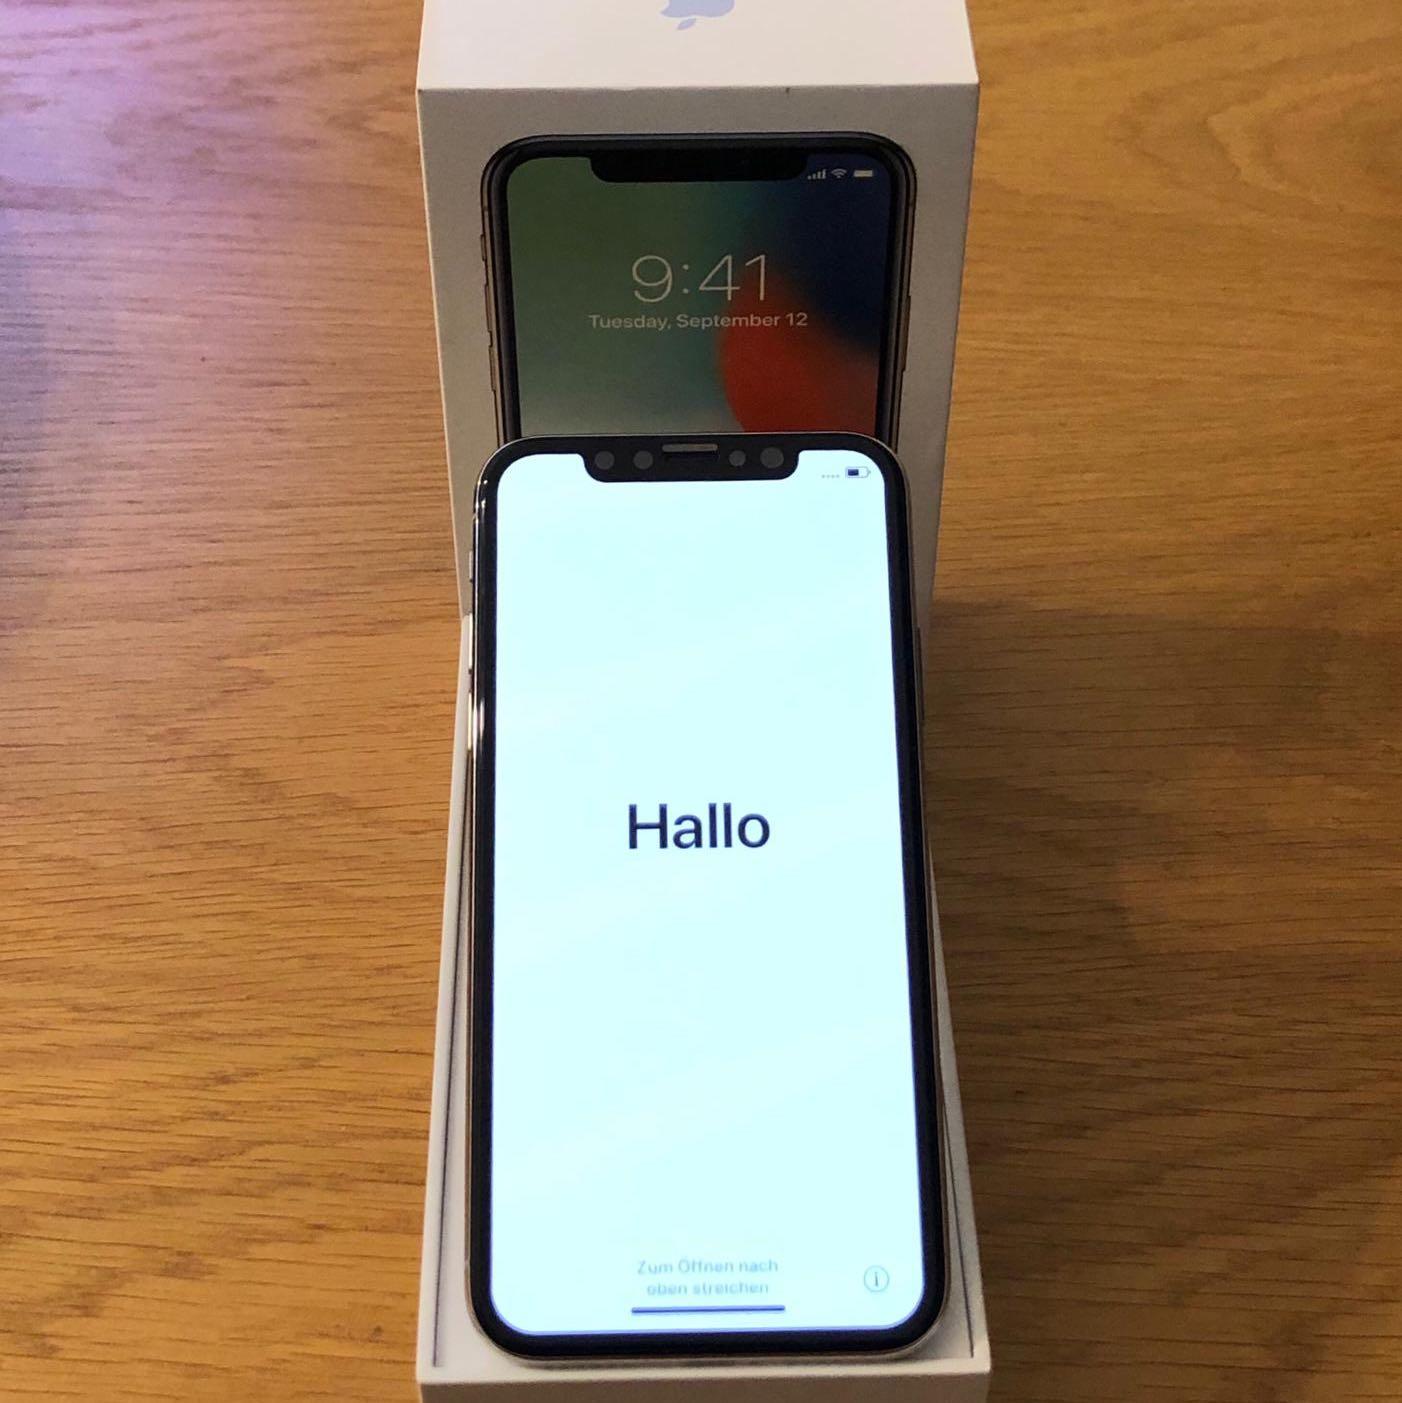 אייפון-x-לבן-📱-64-gb-במצב-מושלם-👌🏼 - יד 2